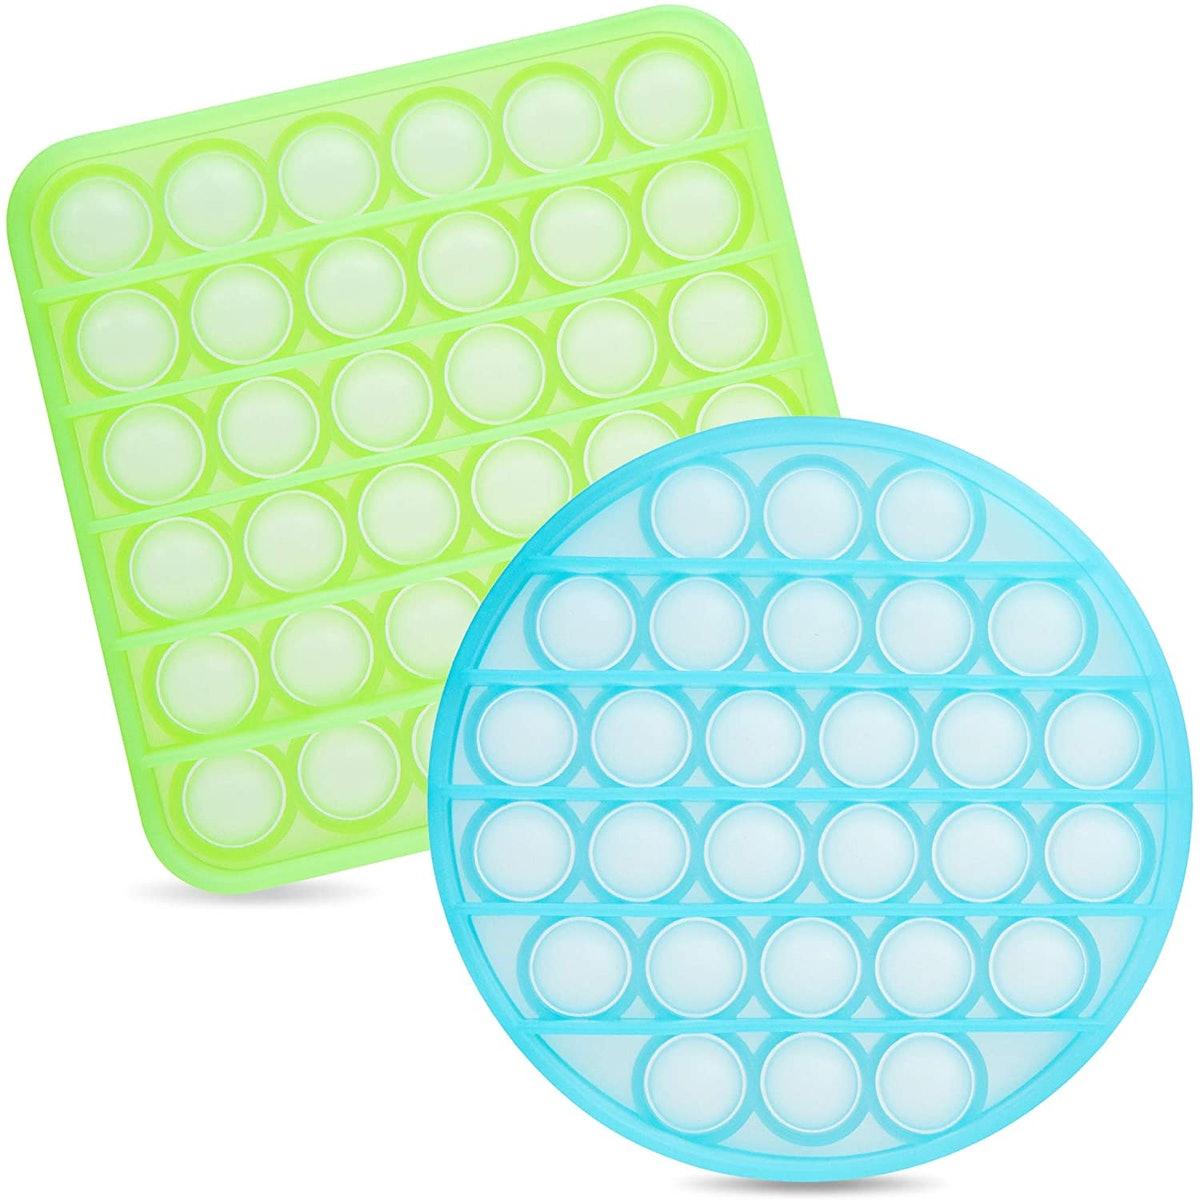 iBaste Fluorescent Push Pop Bubble Fidget Toy